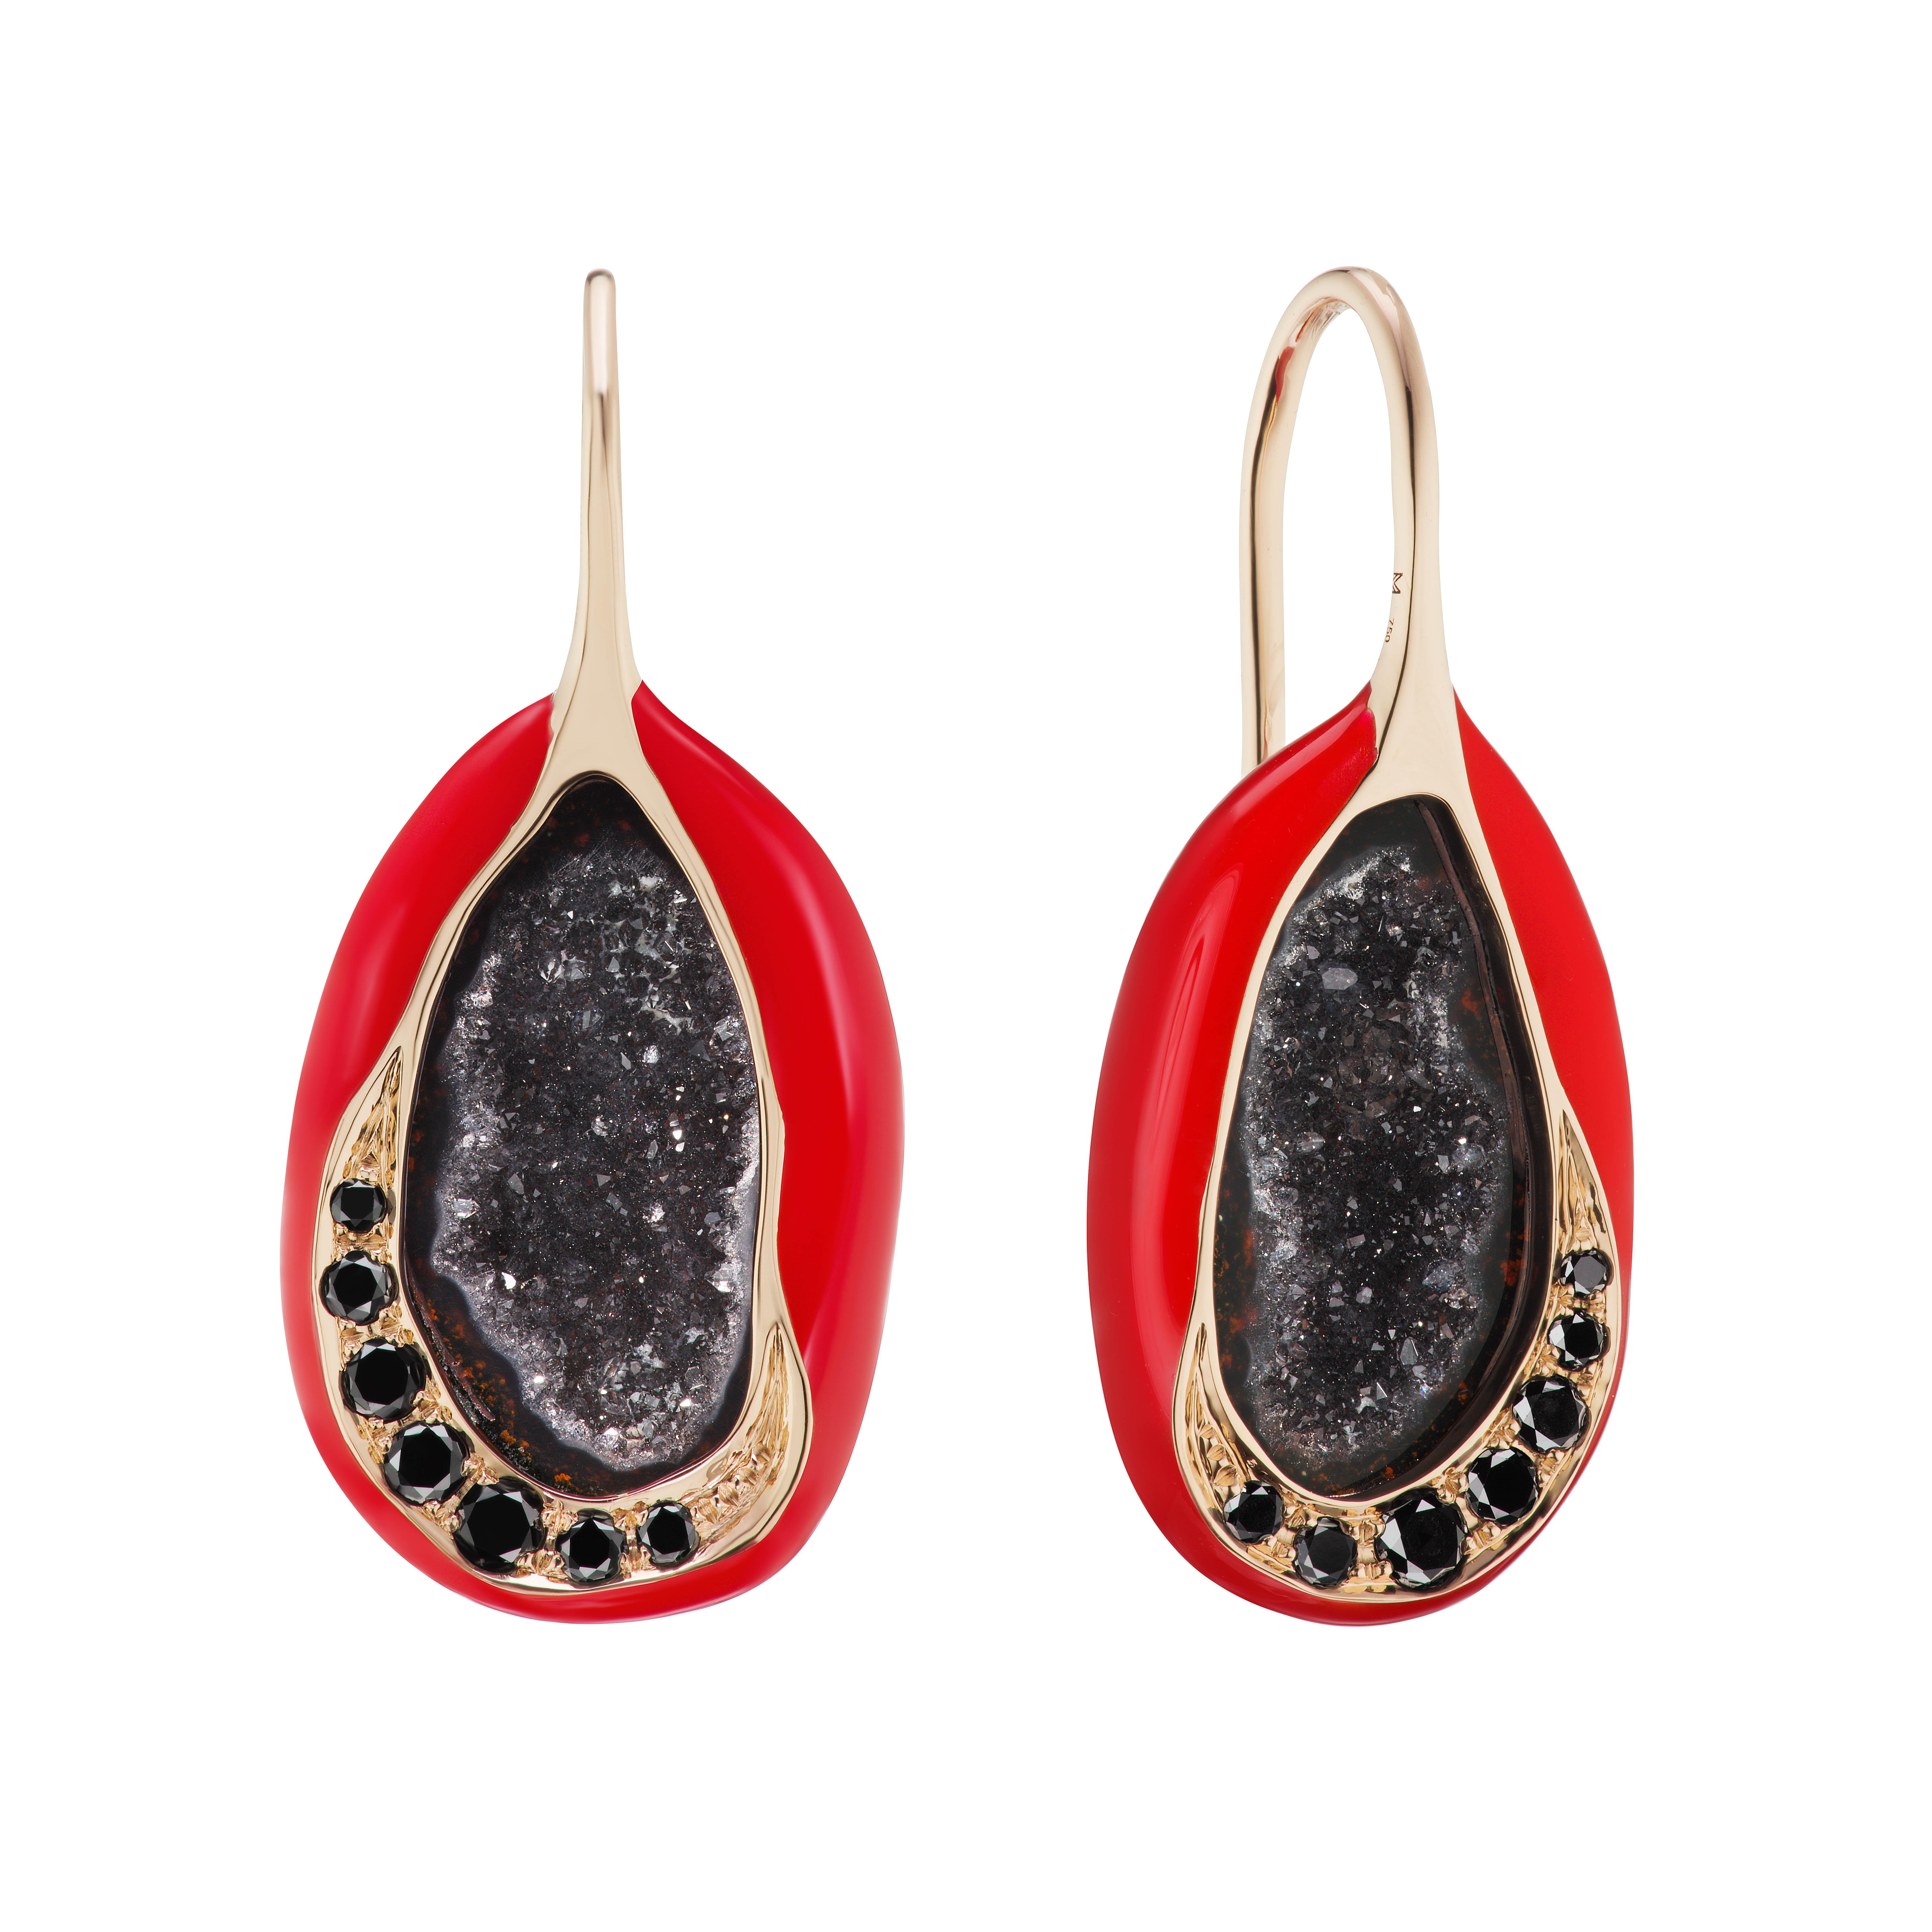 Scarlet Enamel Geode Drop Earrings by Marmari on curated-crowd.com